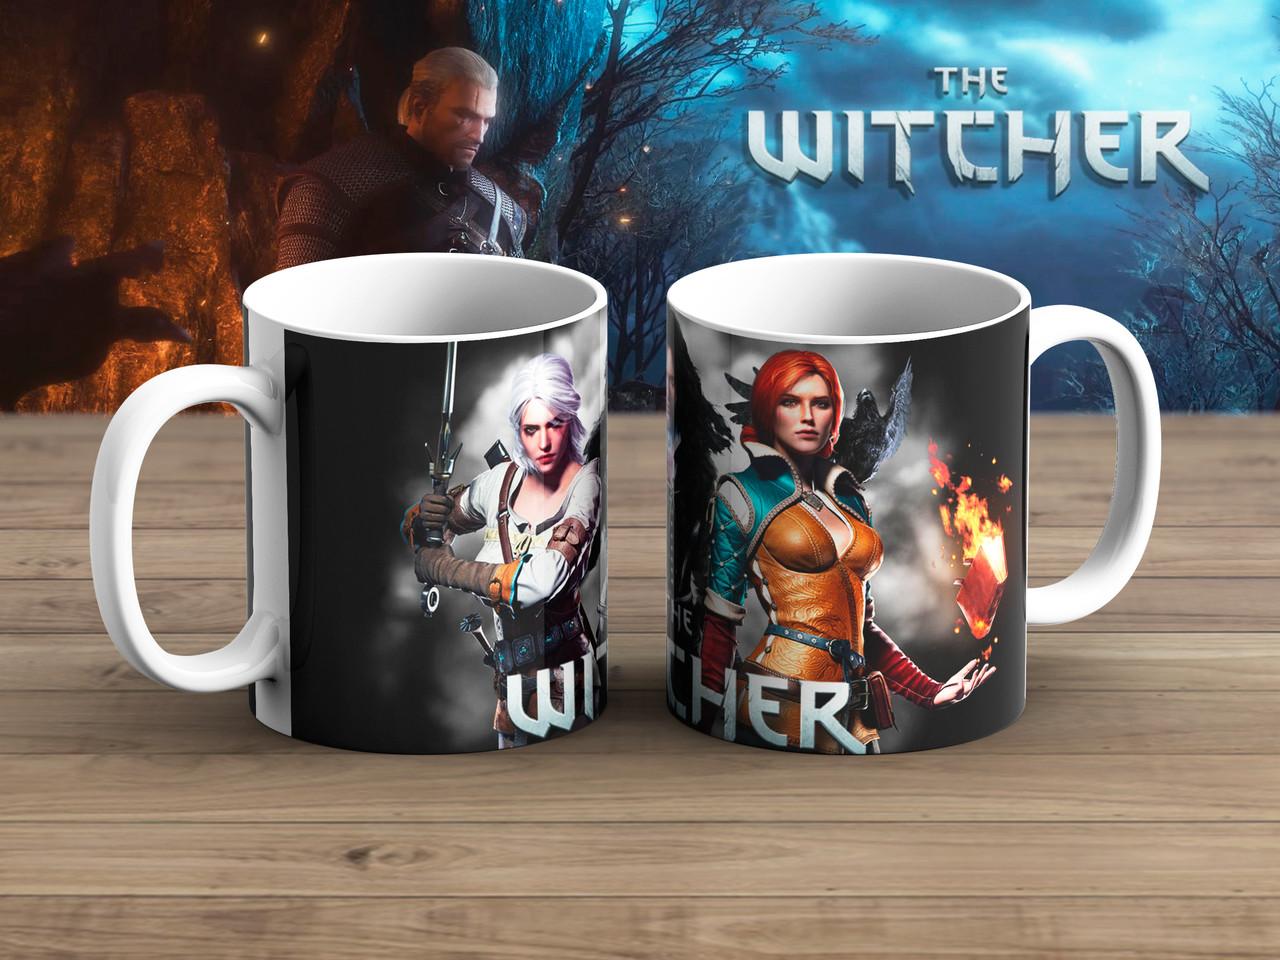 Чашка Девушки Ведьмак / Тhe Witcher